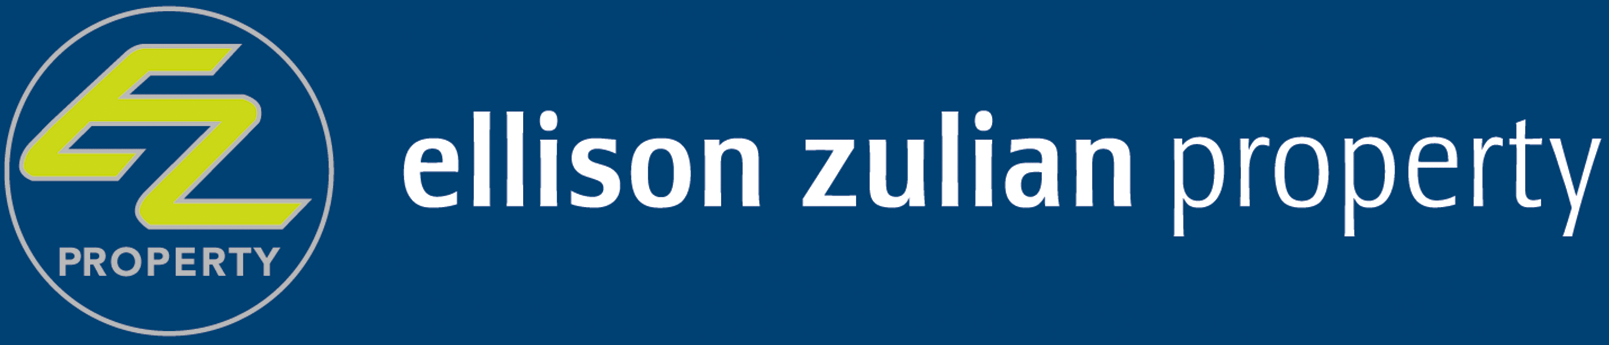 Ellison Zulian Property